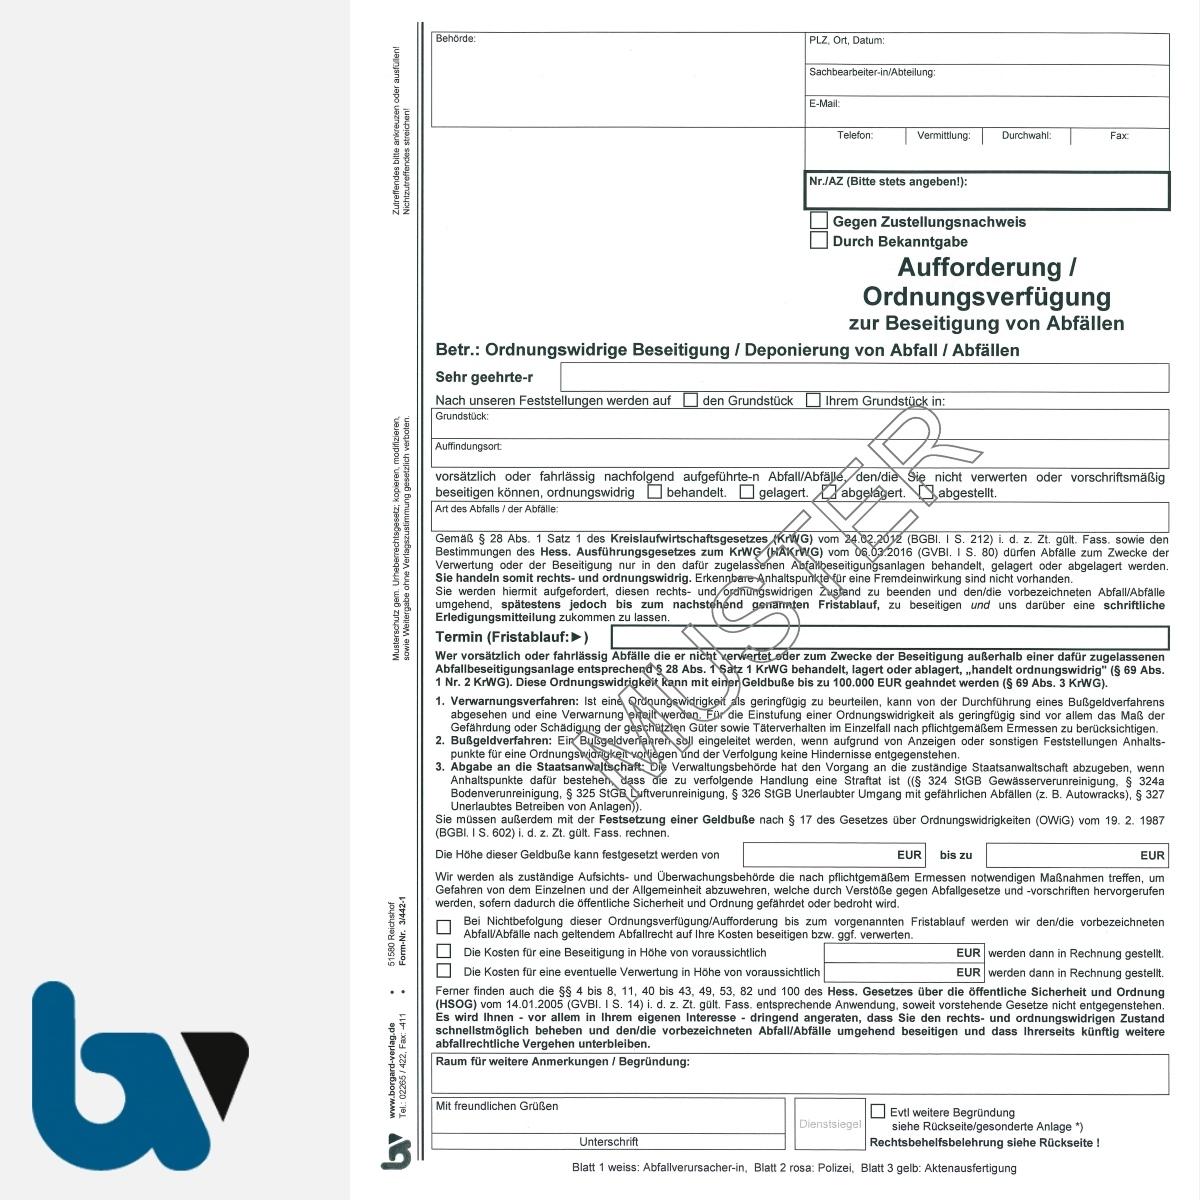 3/442-1 Aufforderung Verfügung Beseitigung Abfall Abfälle Kreislausfwirtschaftsgesetz KrWG HAKrWG HSOG Hessen selbstdurchschreibend DIN A4 3-fach VS | Borgard Verlag GmbH